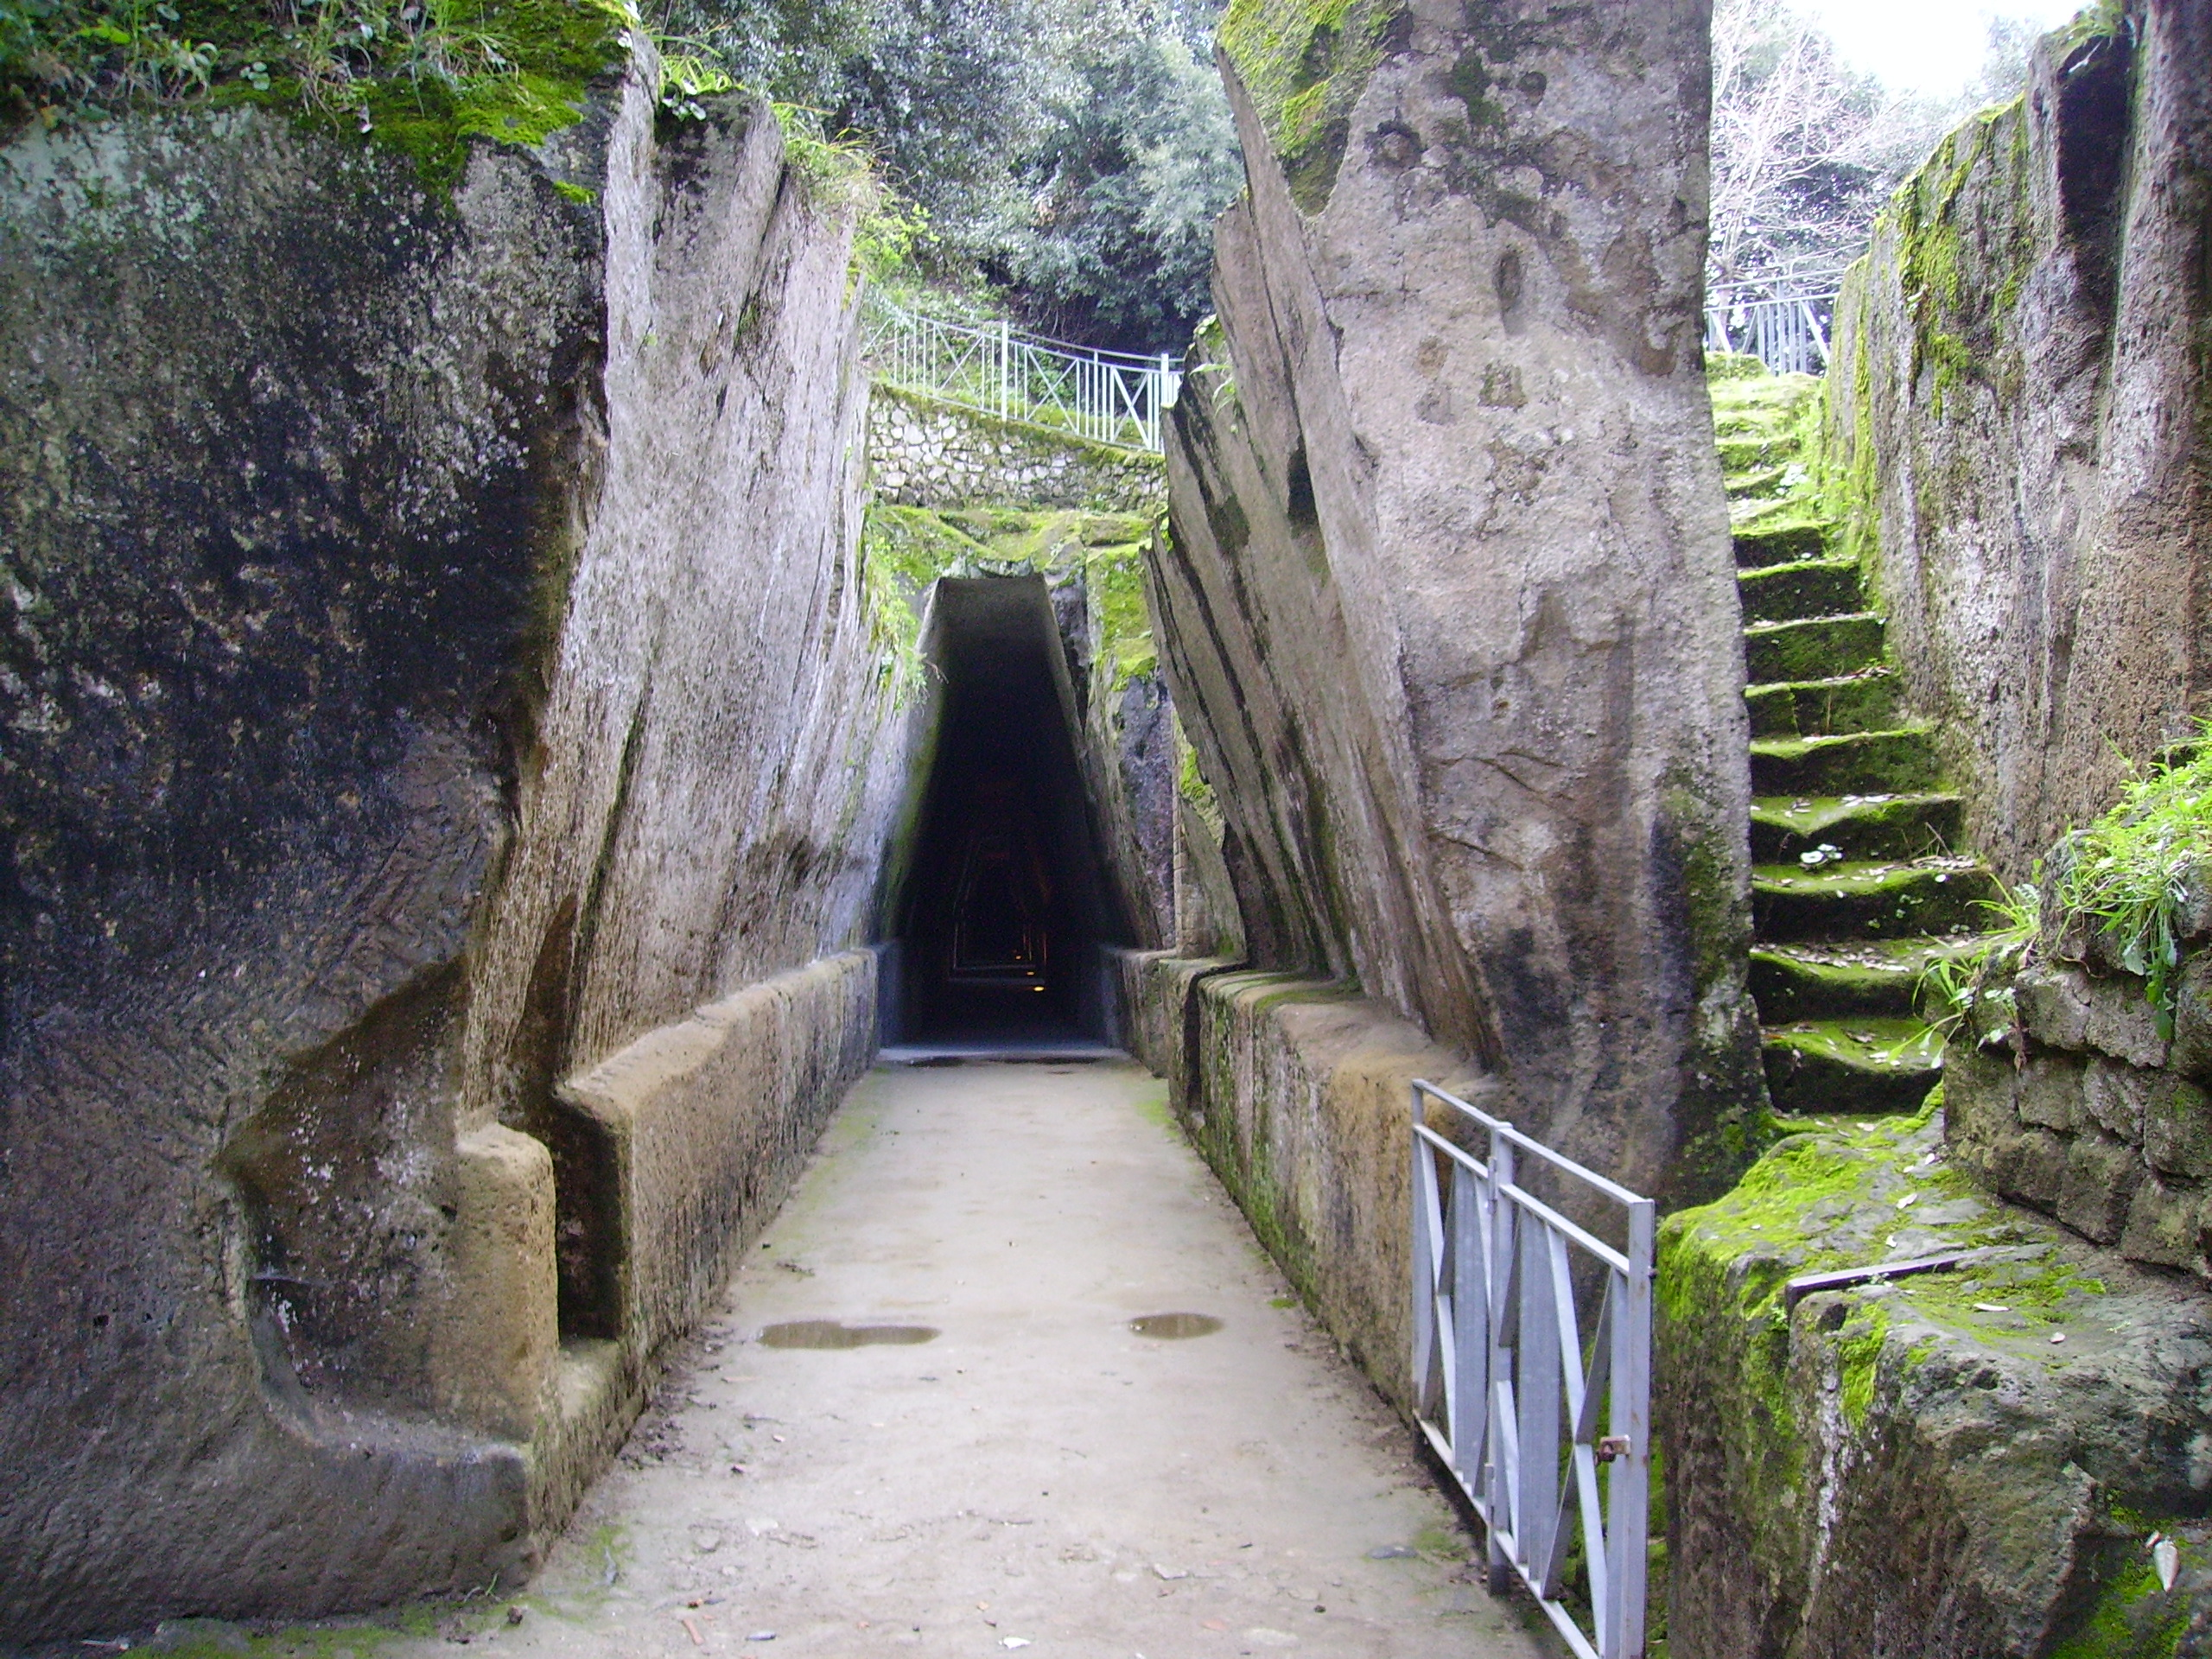 Antro della Sibilla, crolla un muro e il sito viene chiuso. La storia in Campania va in pezzi